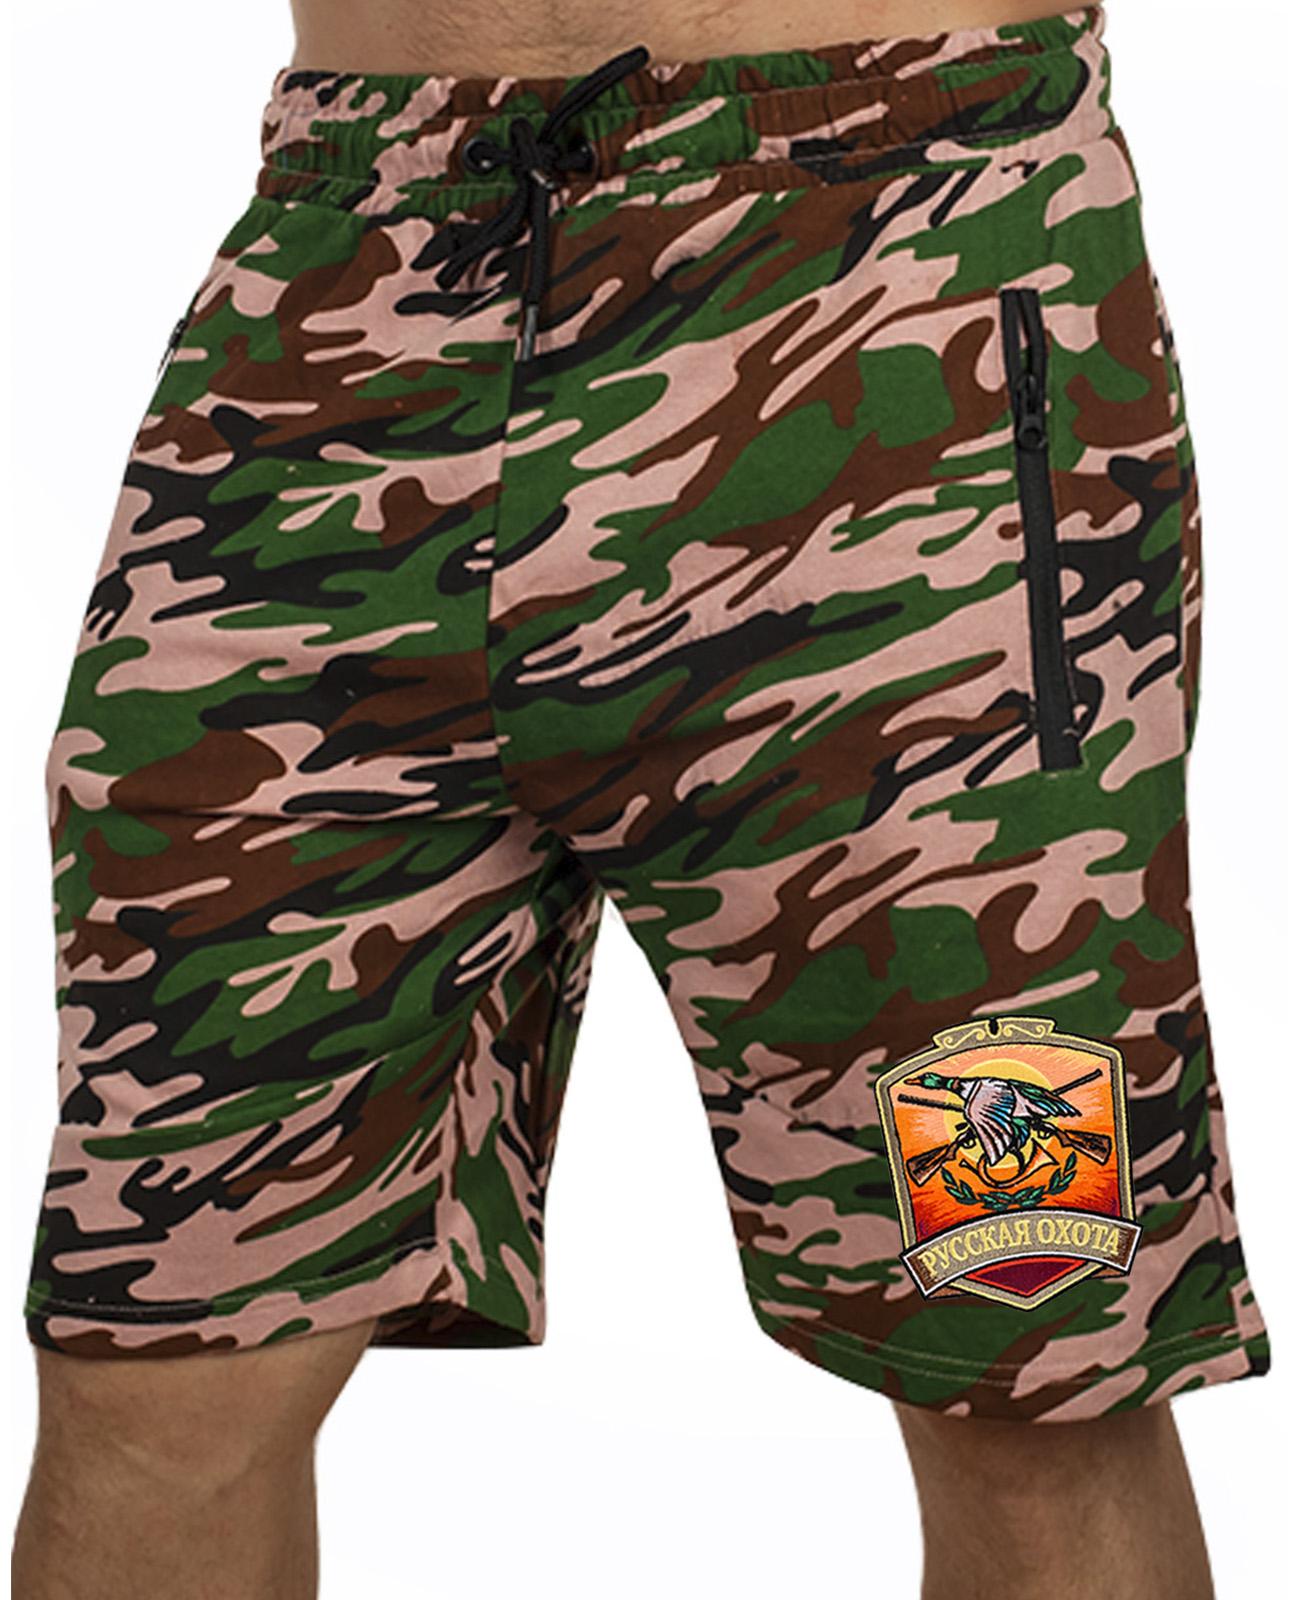 Купить камуфляжные шорты охотнику удлиненного кроя по специальной цене